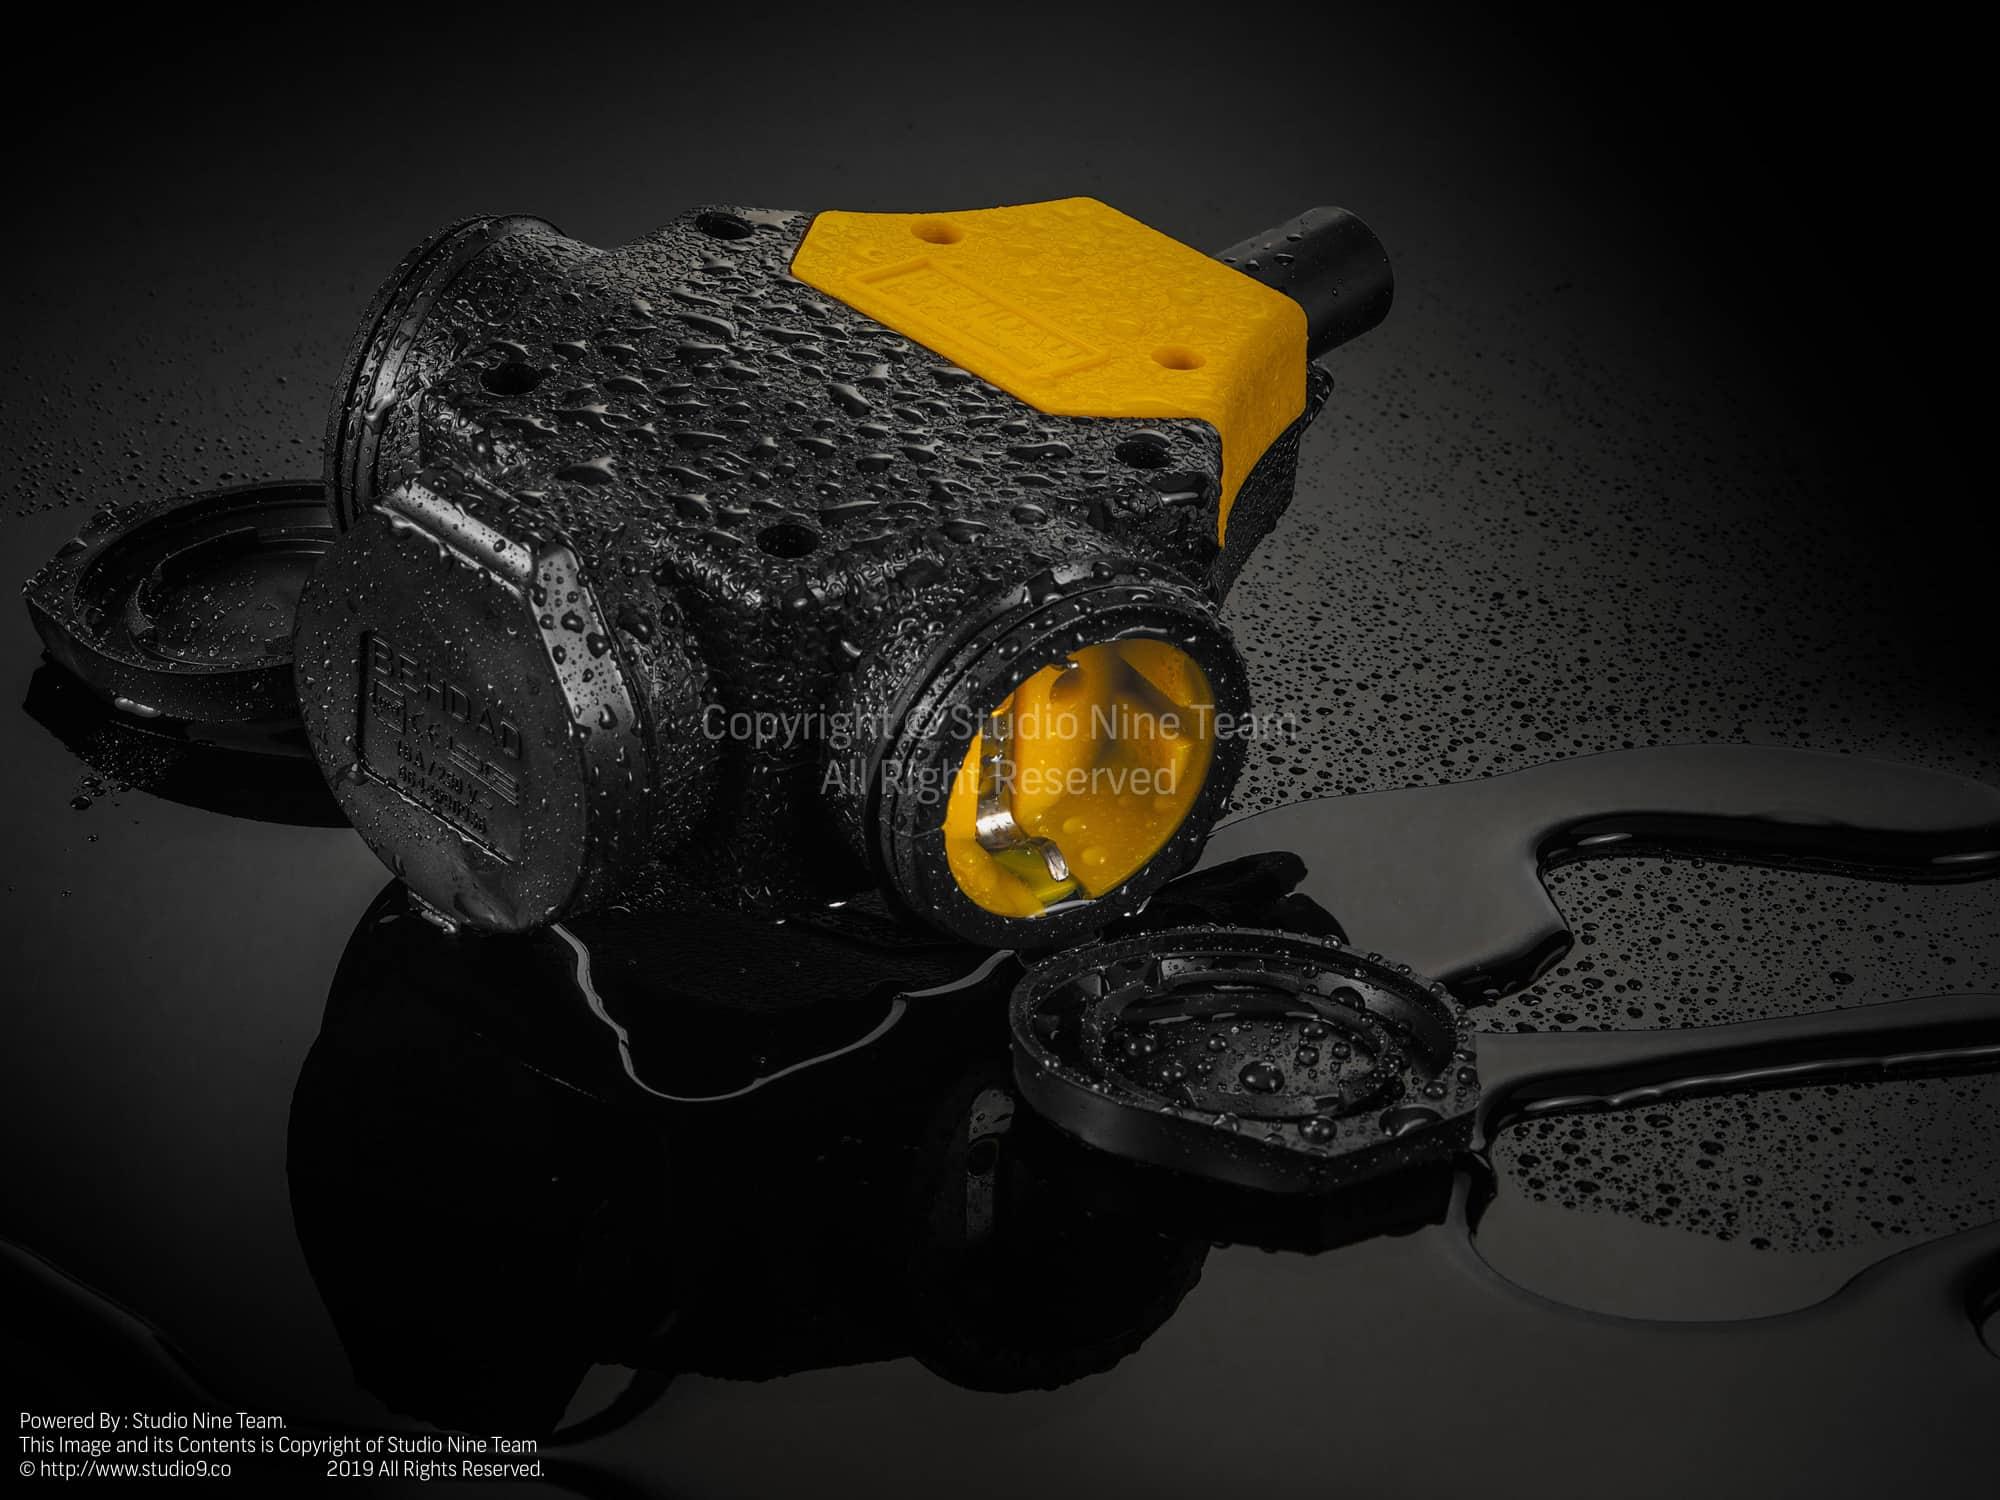 عکاسی محصولات | عکاسی تبلیغاتی | عکاسی صنعتی